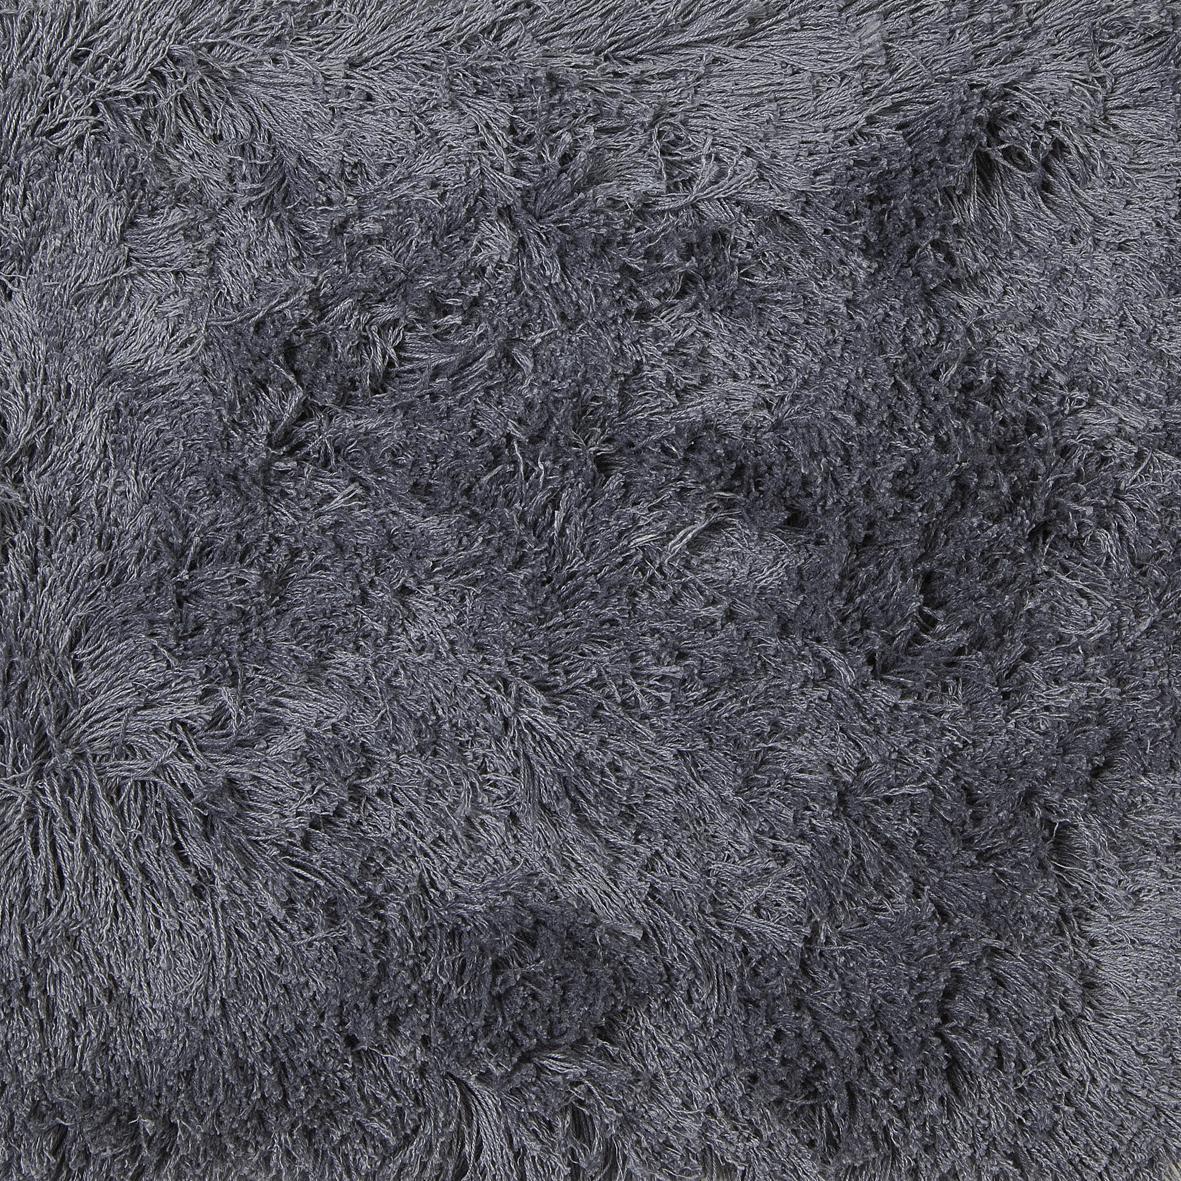 CAVALCANTI_FLAX BLACK (L330).jpg